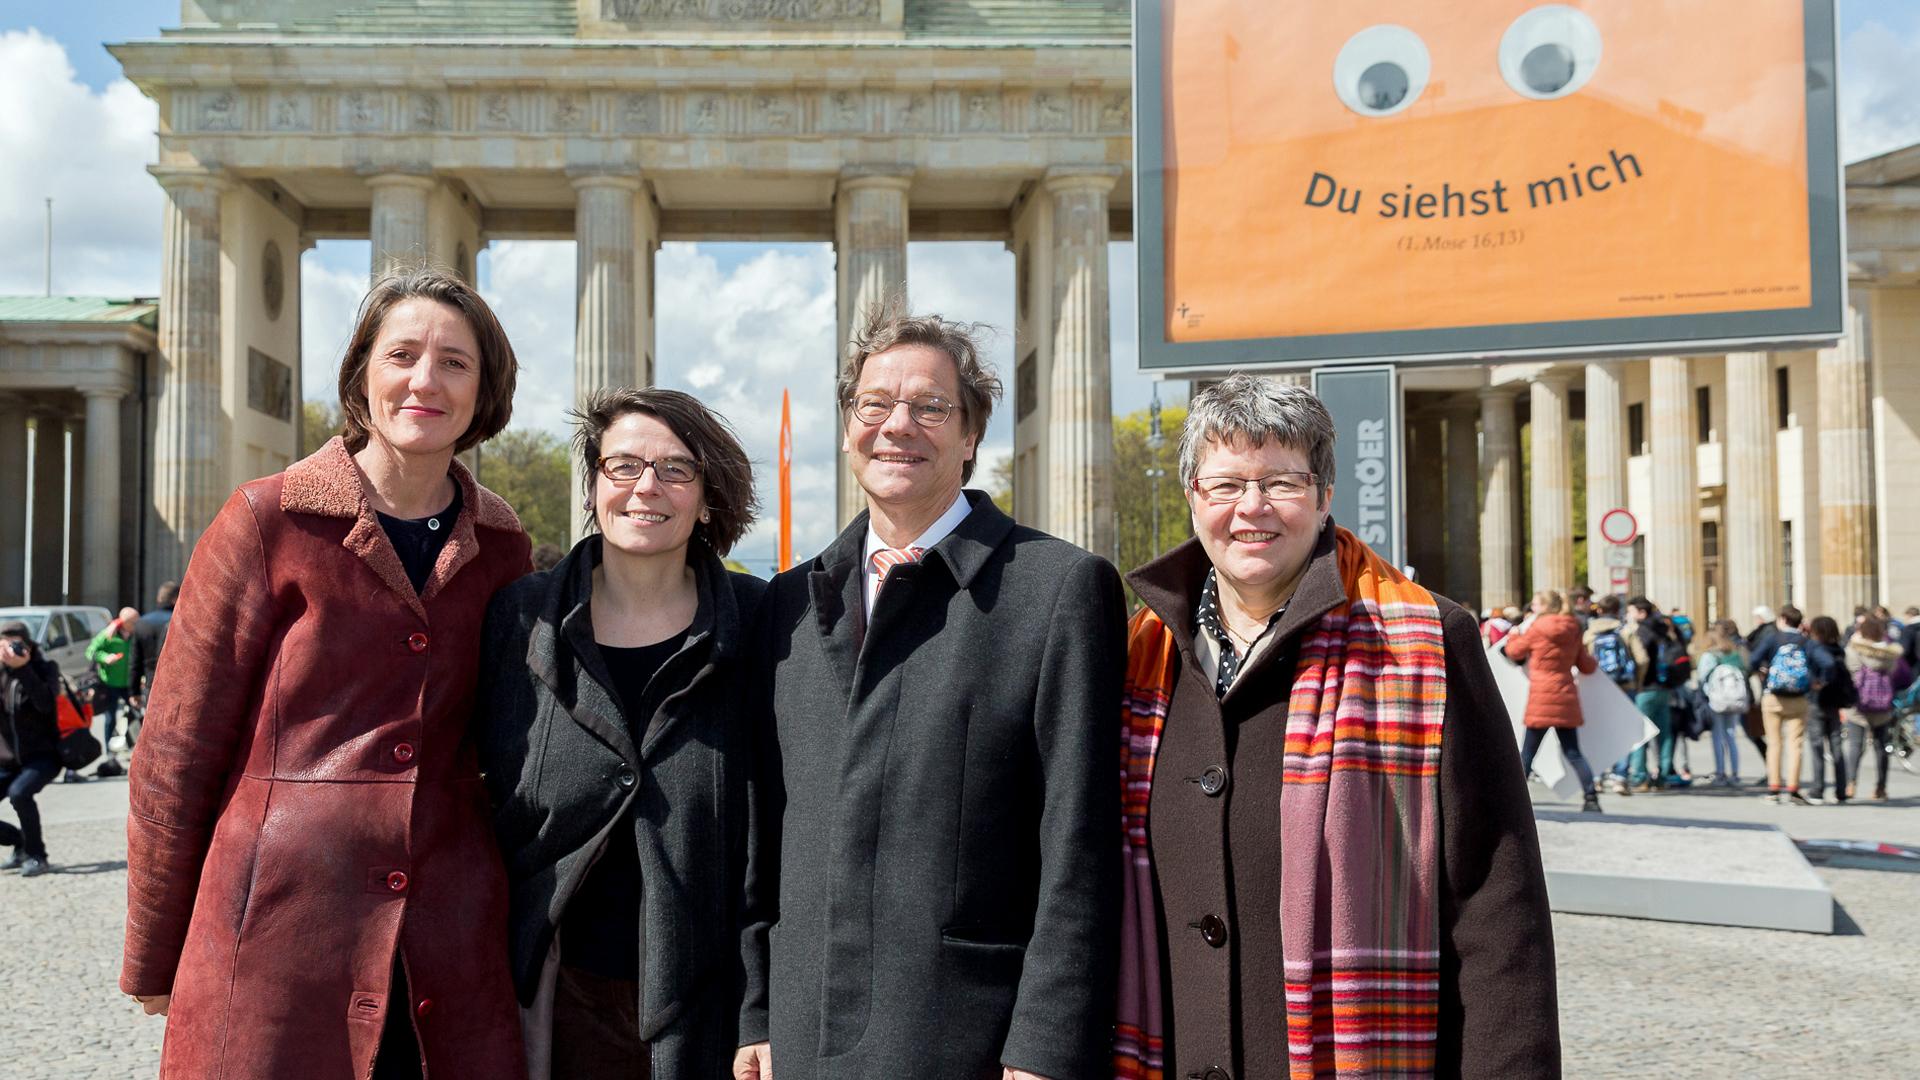 (v.l.) Generalsekretärin Ellen Ueberschär, Kirchentagspräsidentin Christina Aus der Au, Bischof Markus Dröge (EKBO) und Landesbischöfin Ilse Junkermann (EKM) bei der Kampagnenpräsentation zum Kirchentag 2017 am Brandenburger Tor